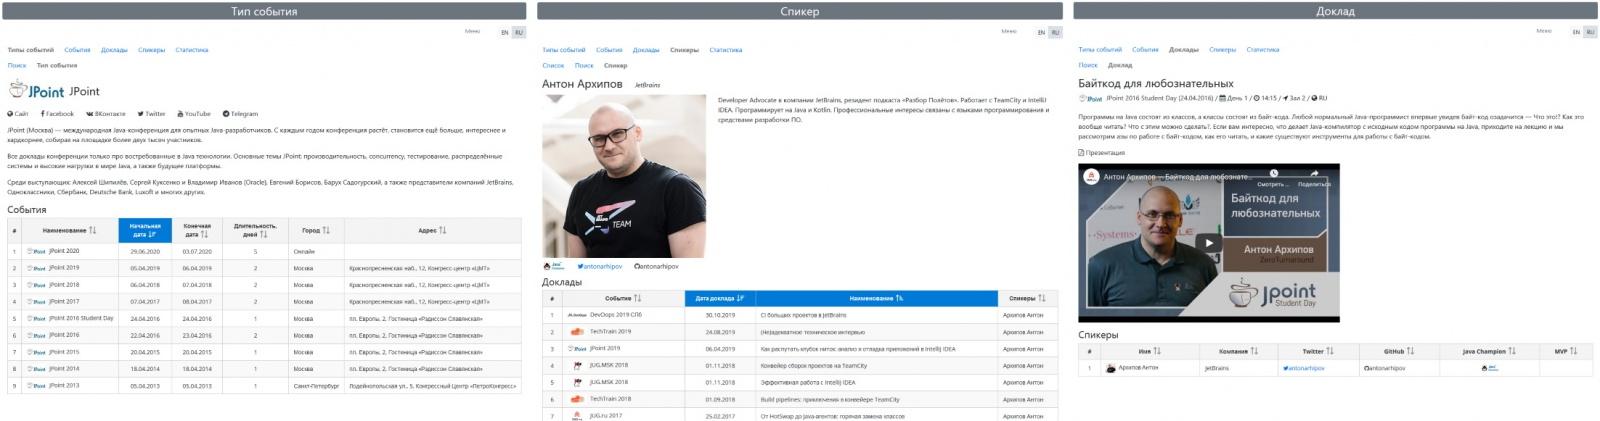 JPoint 2020: новый формат, новые возможности - 16